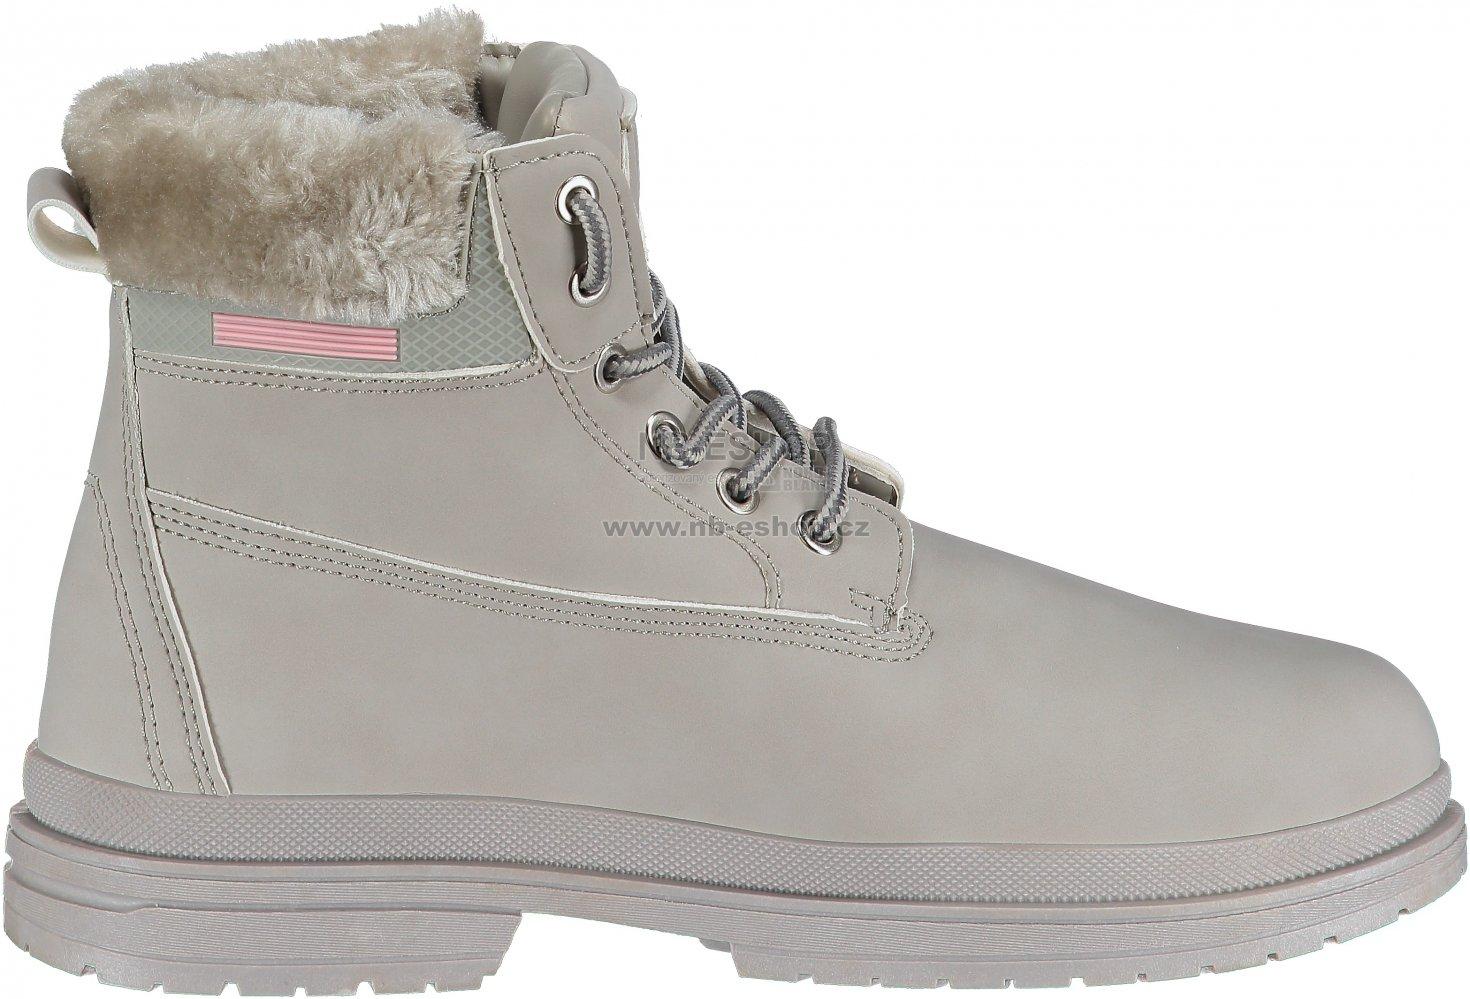 5560cf5158a Dámské zimní boty VICES JB009-5 GREY velikost  36   NB-ESHOP.cz